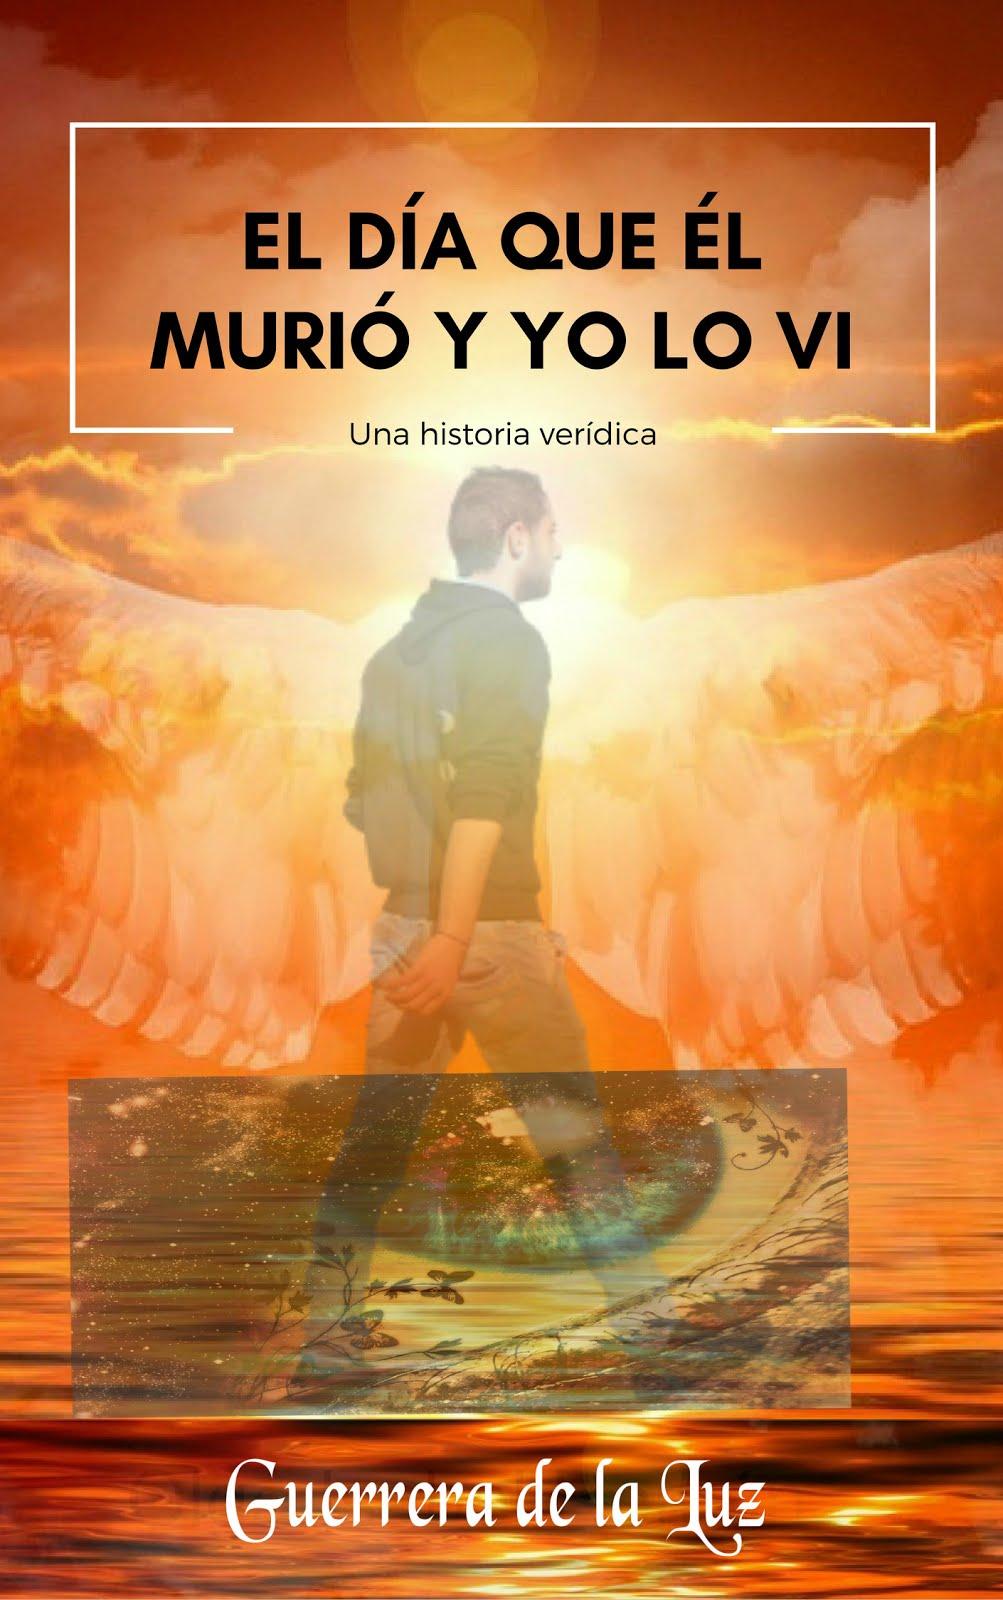 EL DÍA QUE ÉL MURIÓ Y YO LO VI